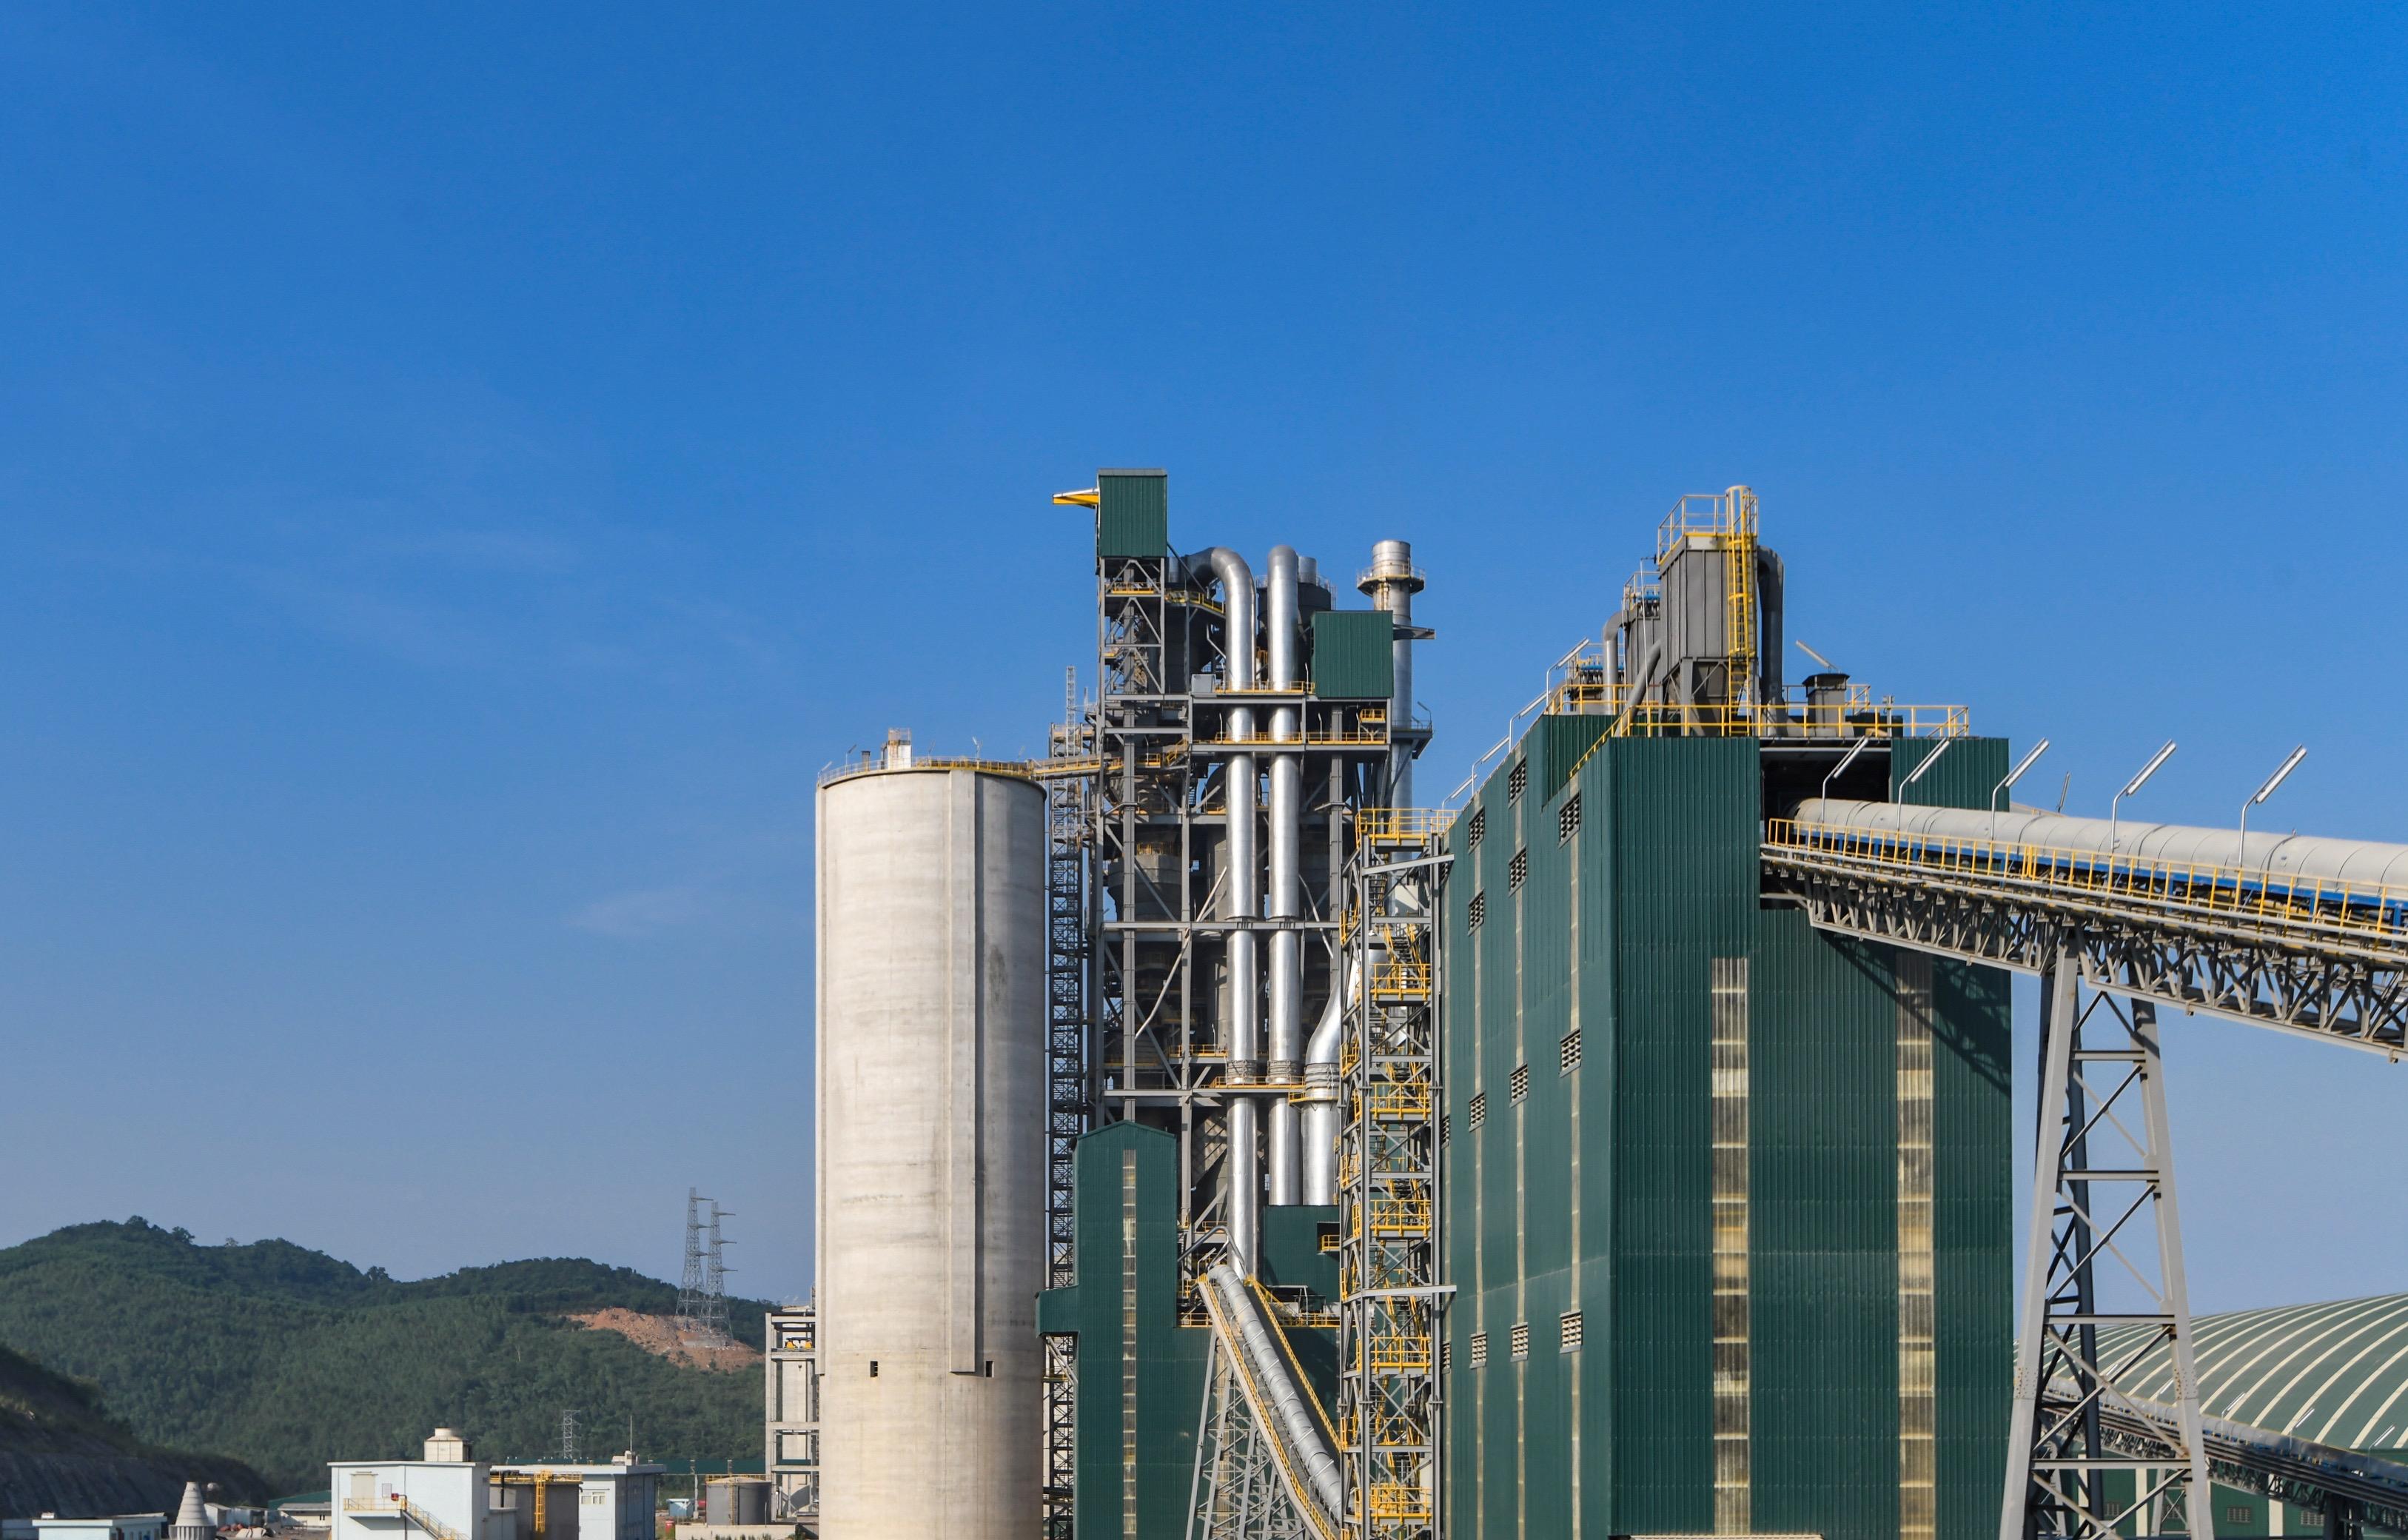 Ống khói không khói là điểm nhận diện riêng của nhà máy xi măng Tân Thắng tại mảnh đất Quỳnh Lưu, Nghệ An